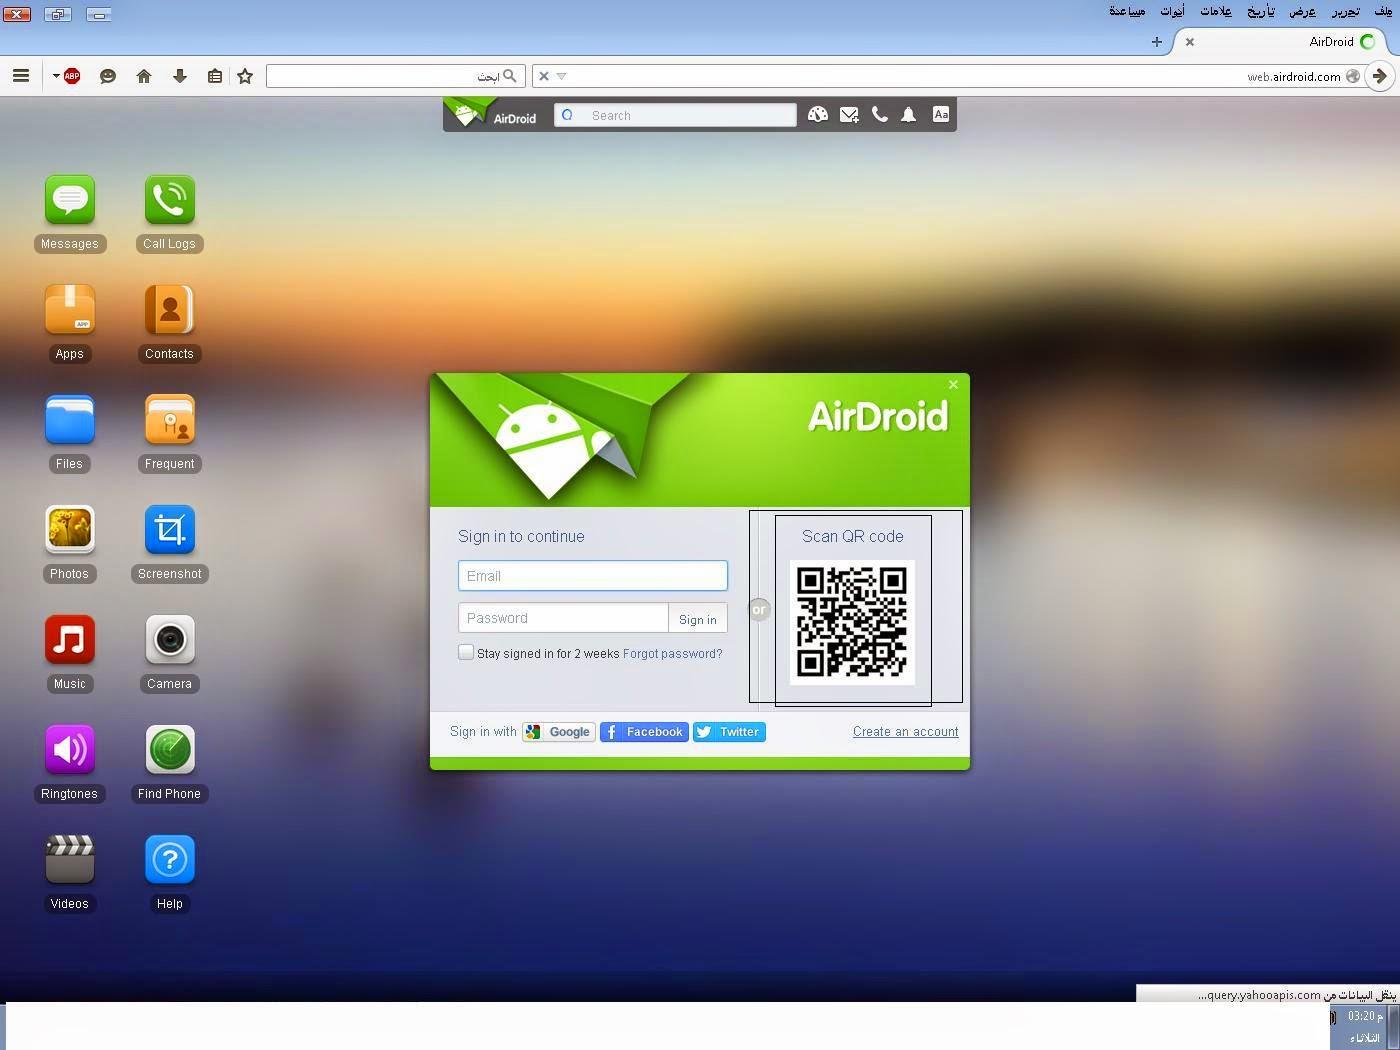 AirDroid أفضل تطبيق للتحكم للمحمول من جهاز الكمبيوتر